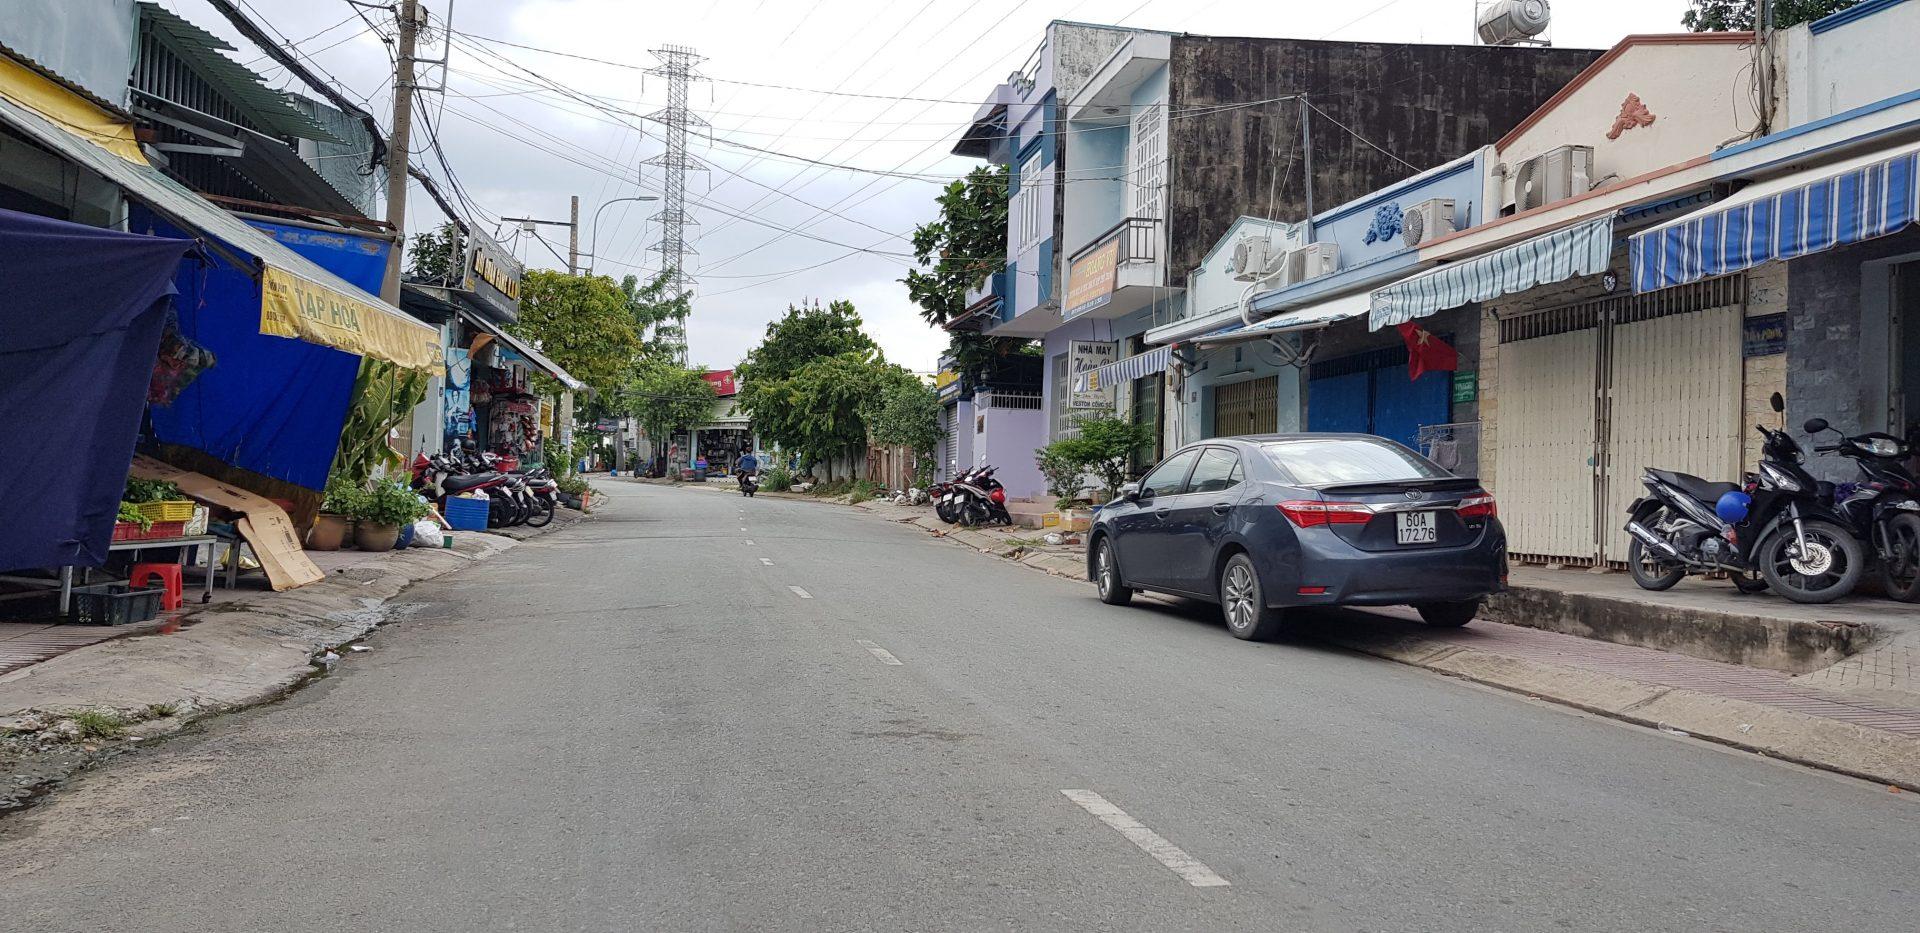 Bán Đất Mặt Tiền Quận 9 đường Tân Hòa 2, DT 110m2, quy hoạch đường 16m, vị trí khu trung tâm, dân đông